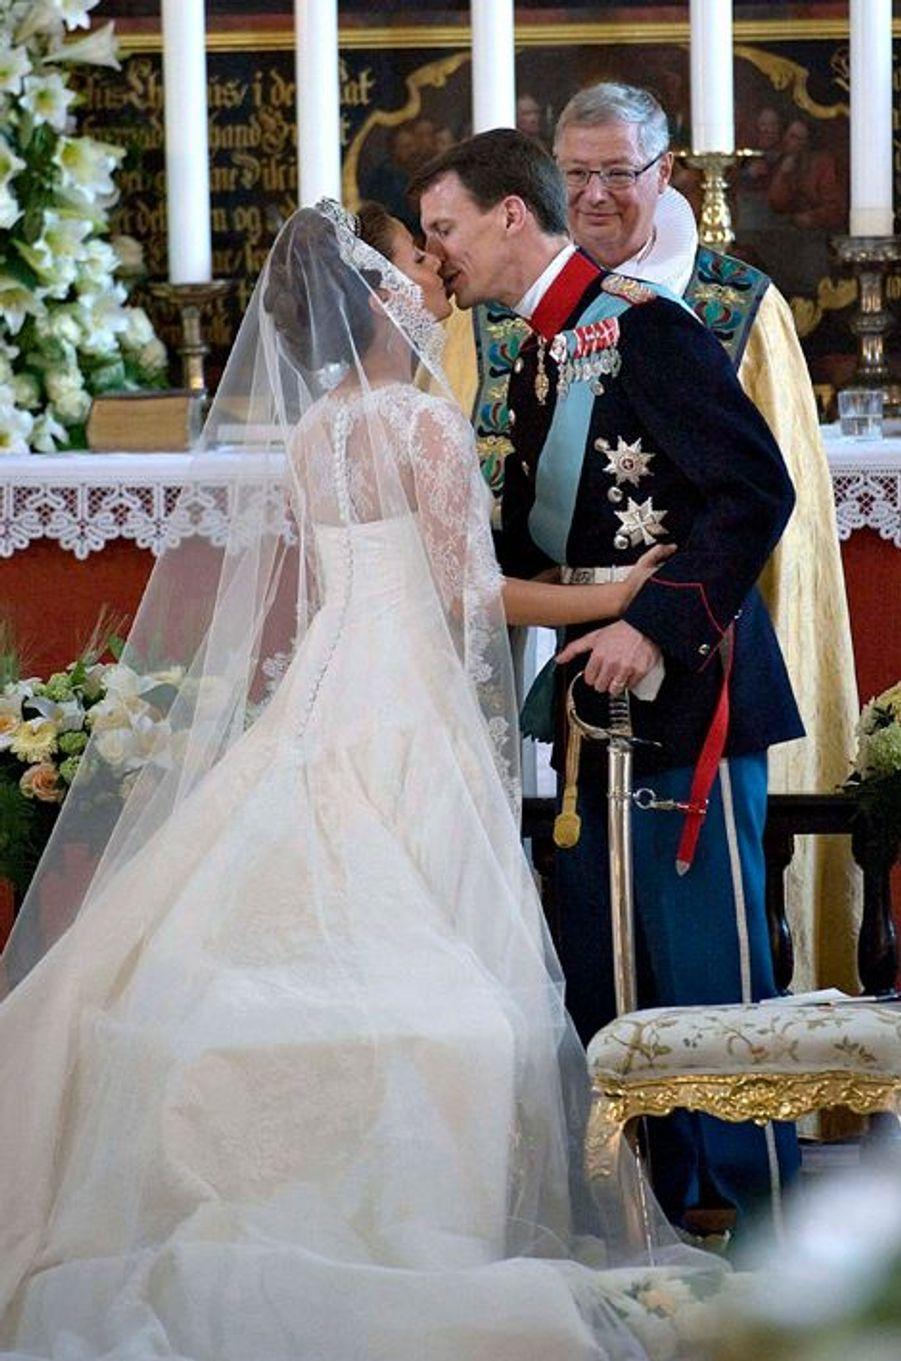 Marie Cavallier épouse le prince Joachim de Danemark, le 24 mai 2008